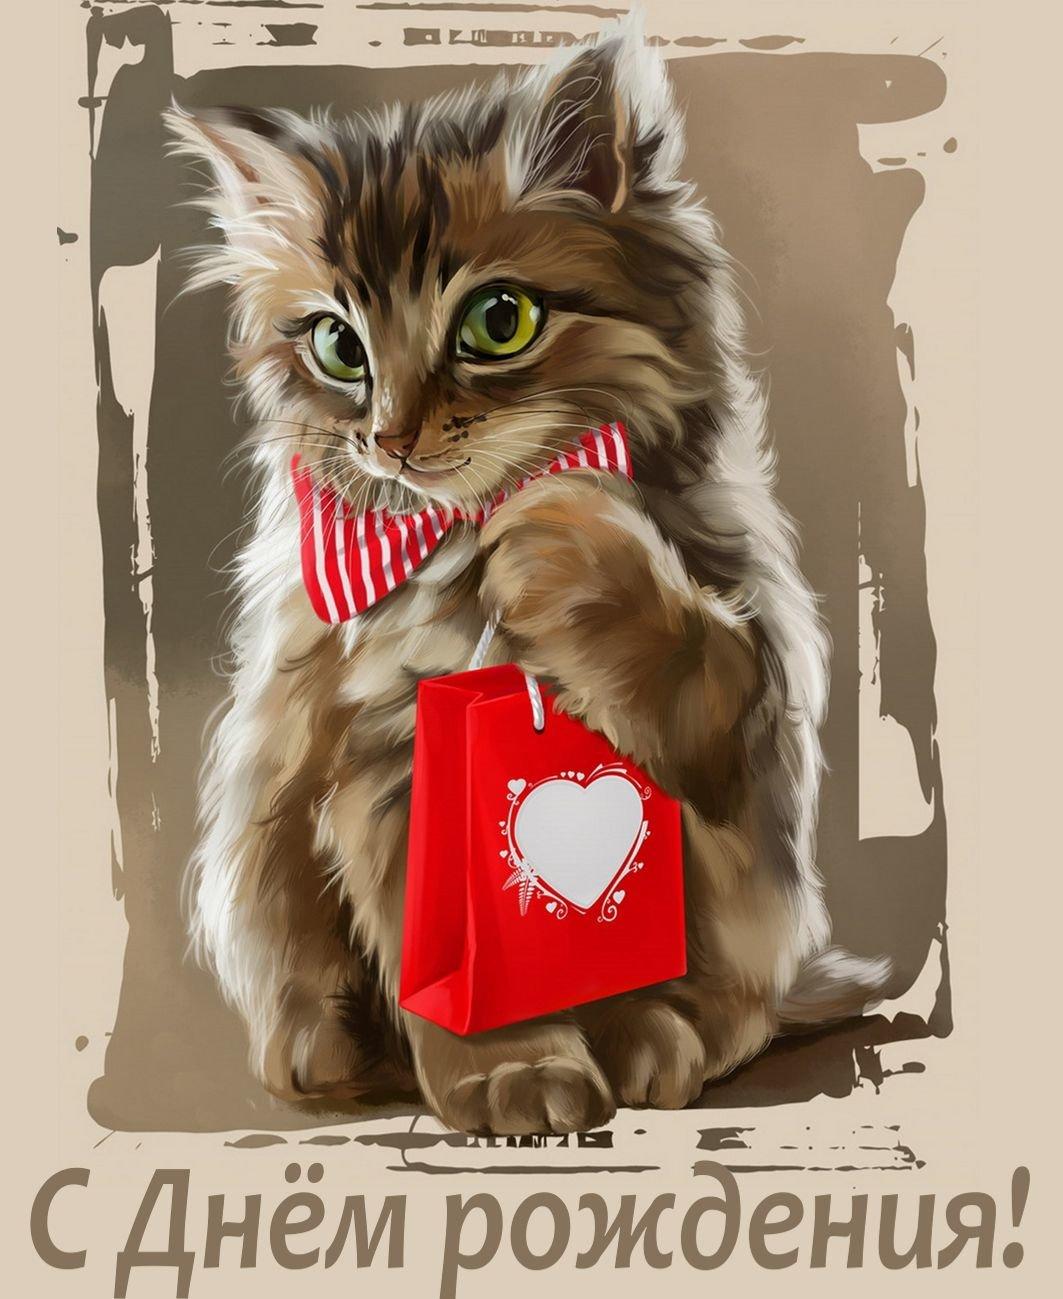 Кошек цветов, открытки кошкам на день рождения